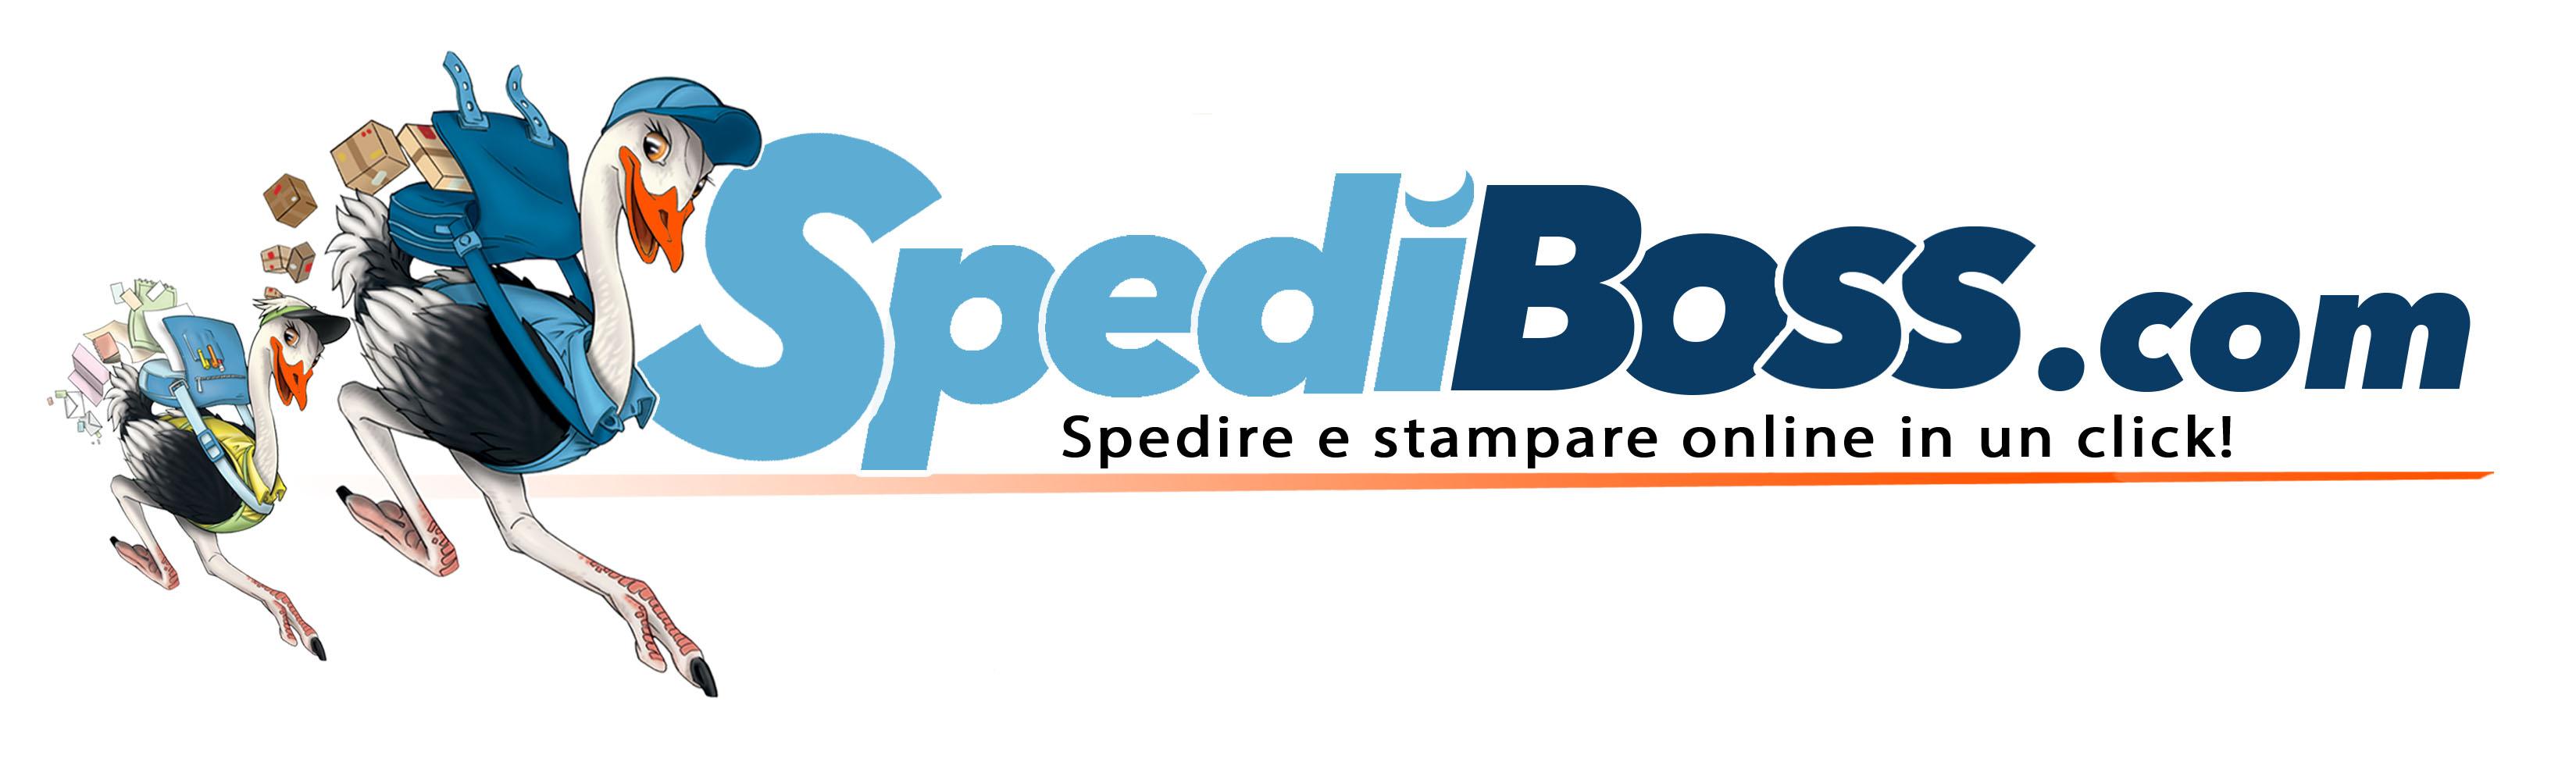 Spediboss.com